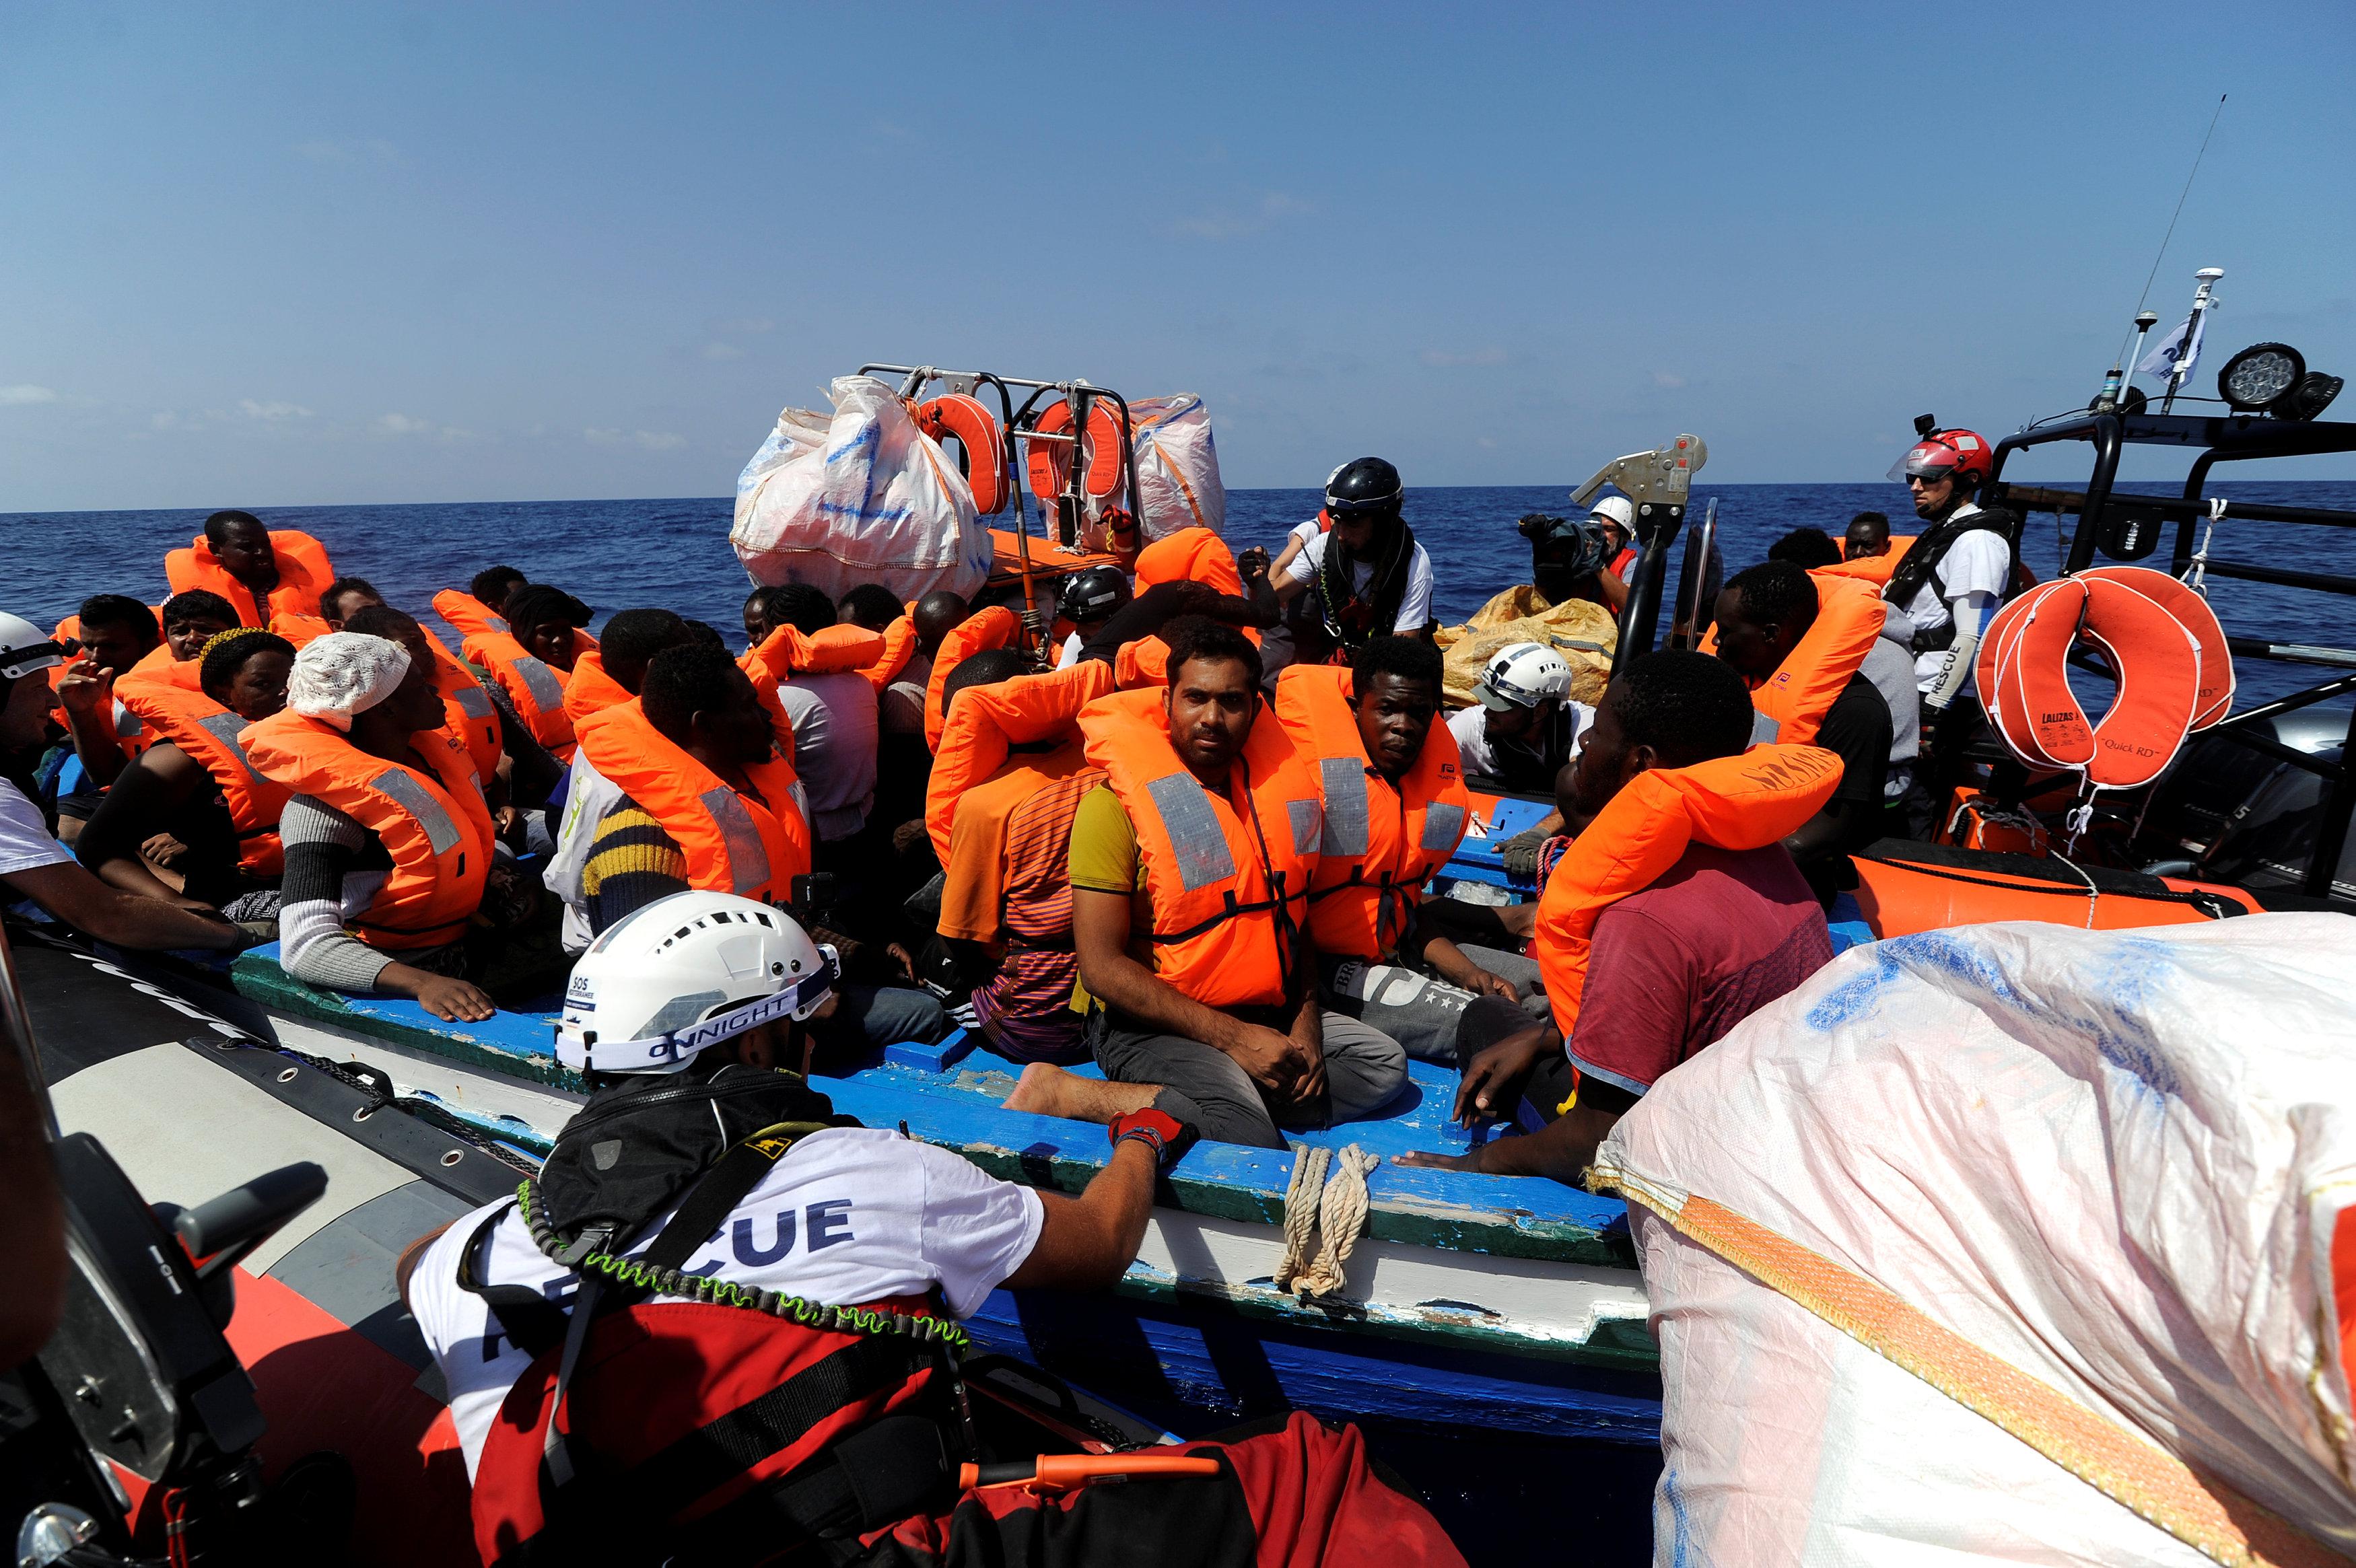 إنقاذ عدد كبير من المهاجرين على قارب خشبى